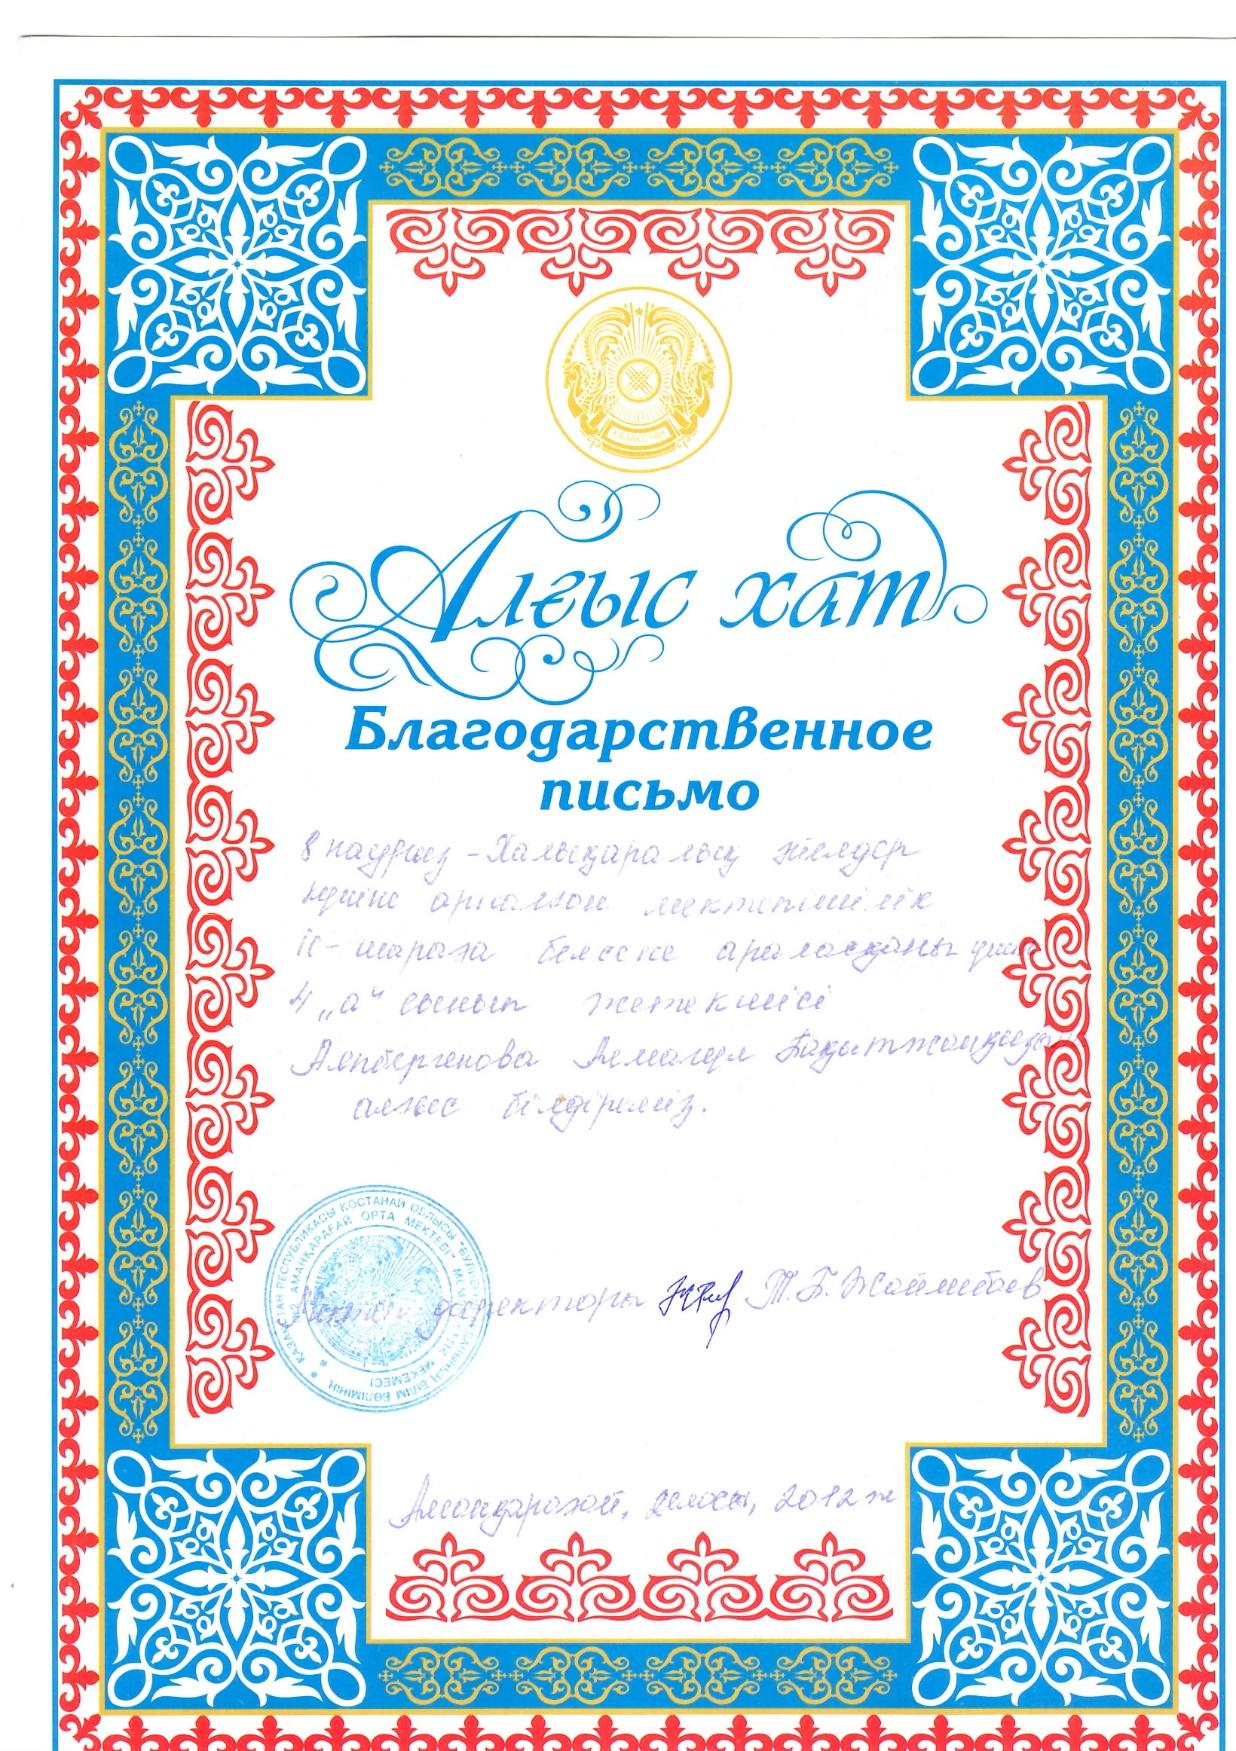 E:\EPSCAN\001\EPSON021.JPG